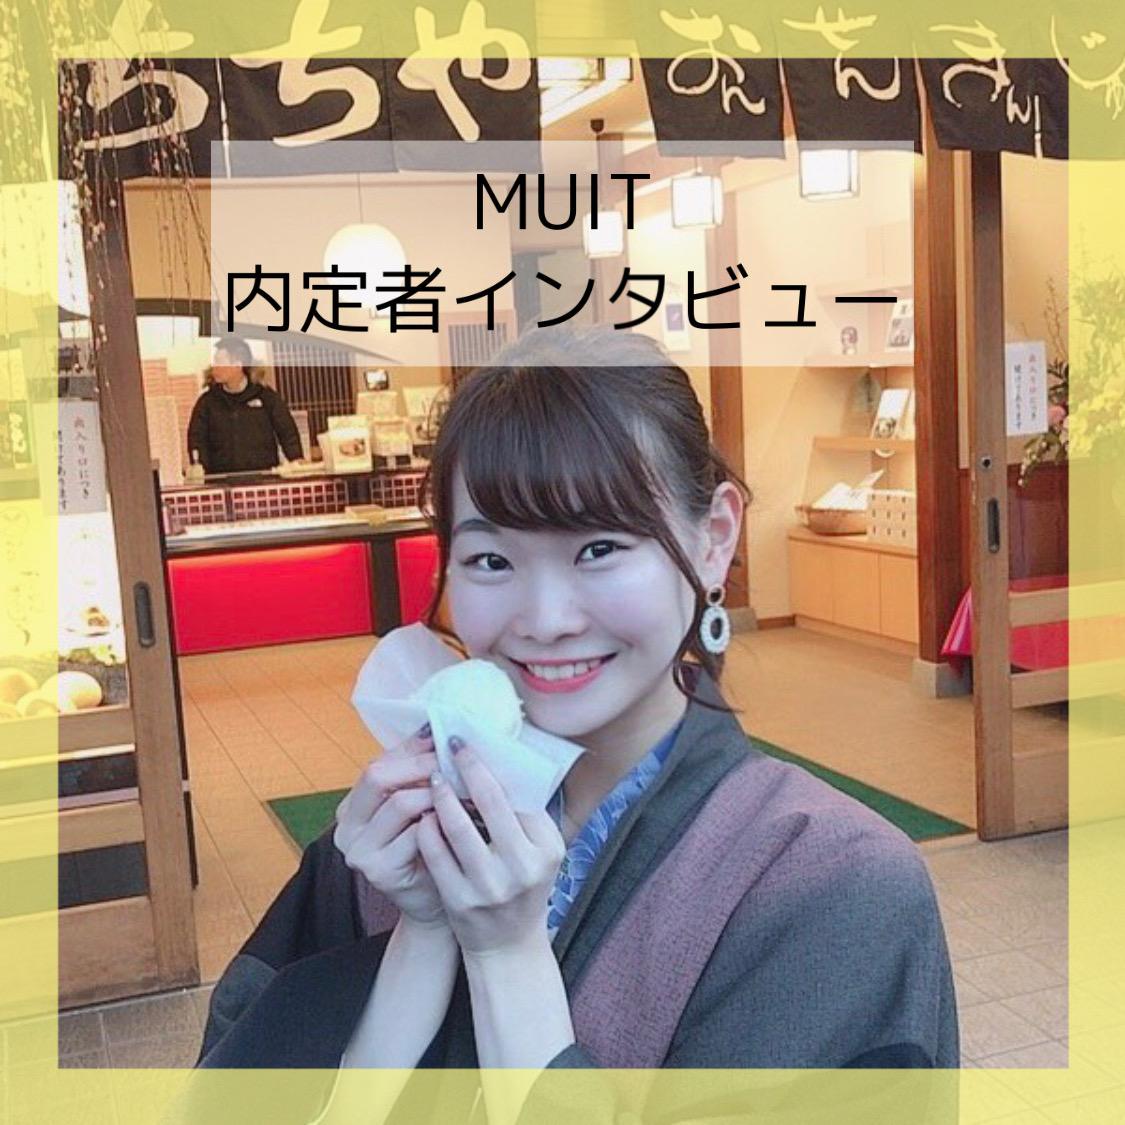 【東京オフィス】三菱UFJインフォメーションテクノロジー(MUIT)内定者にインタビューしました